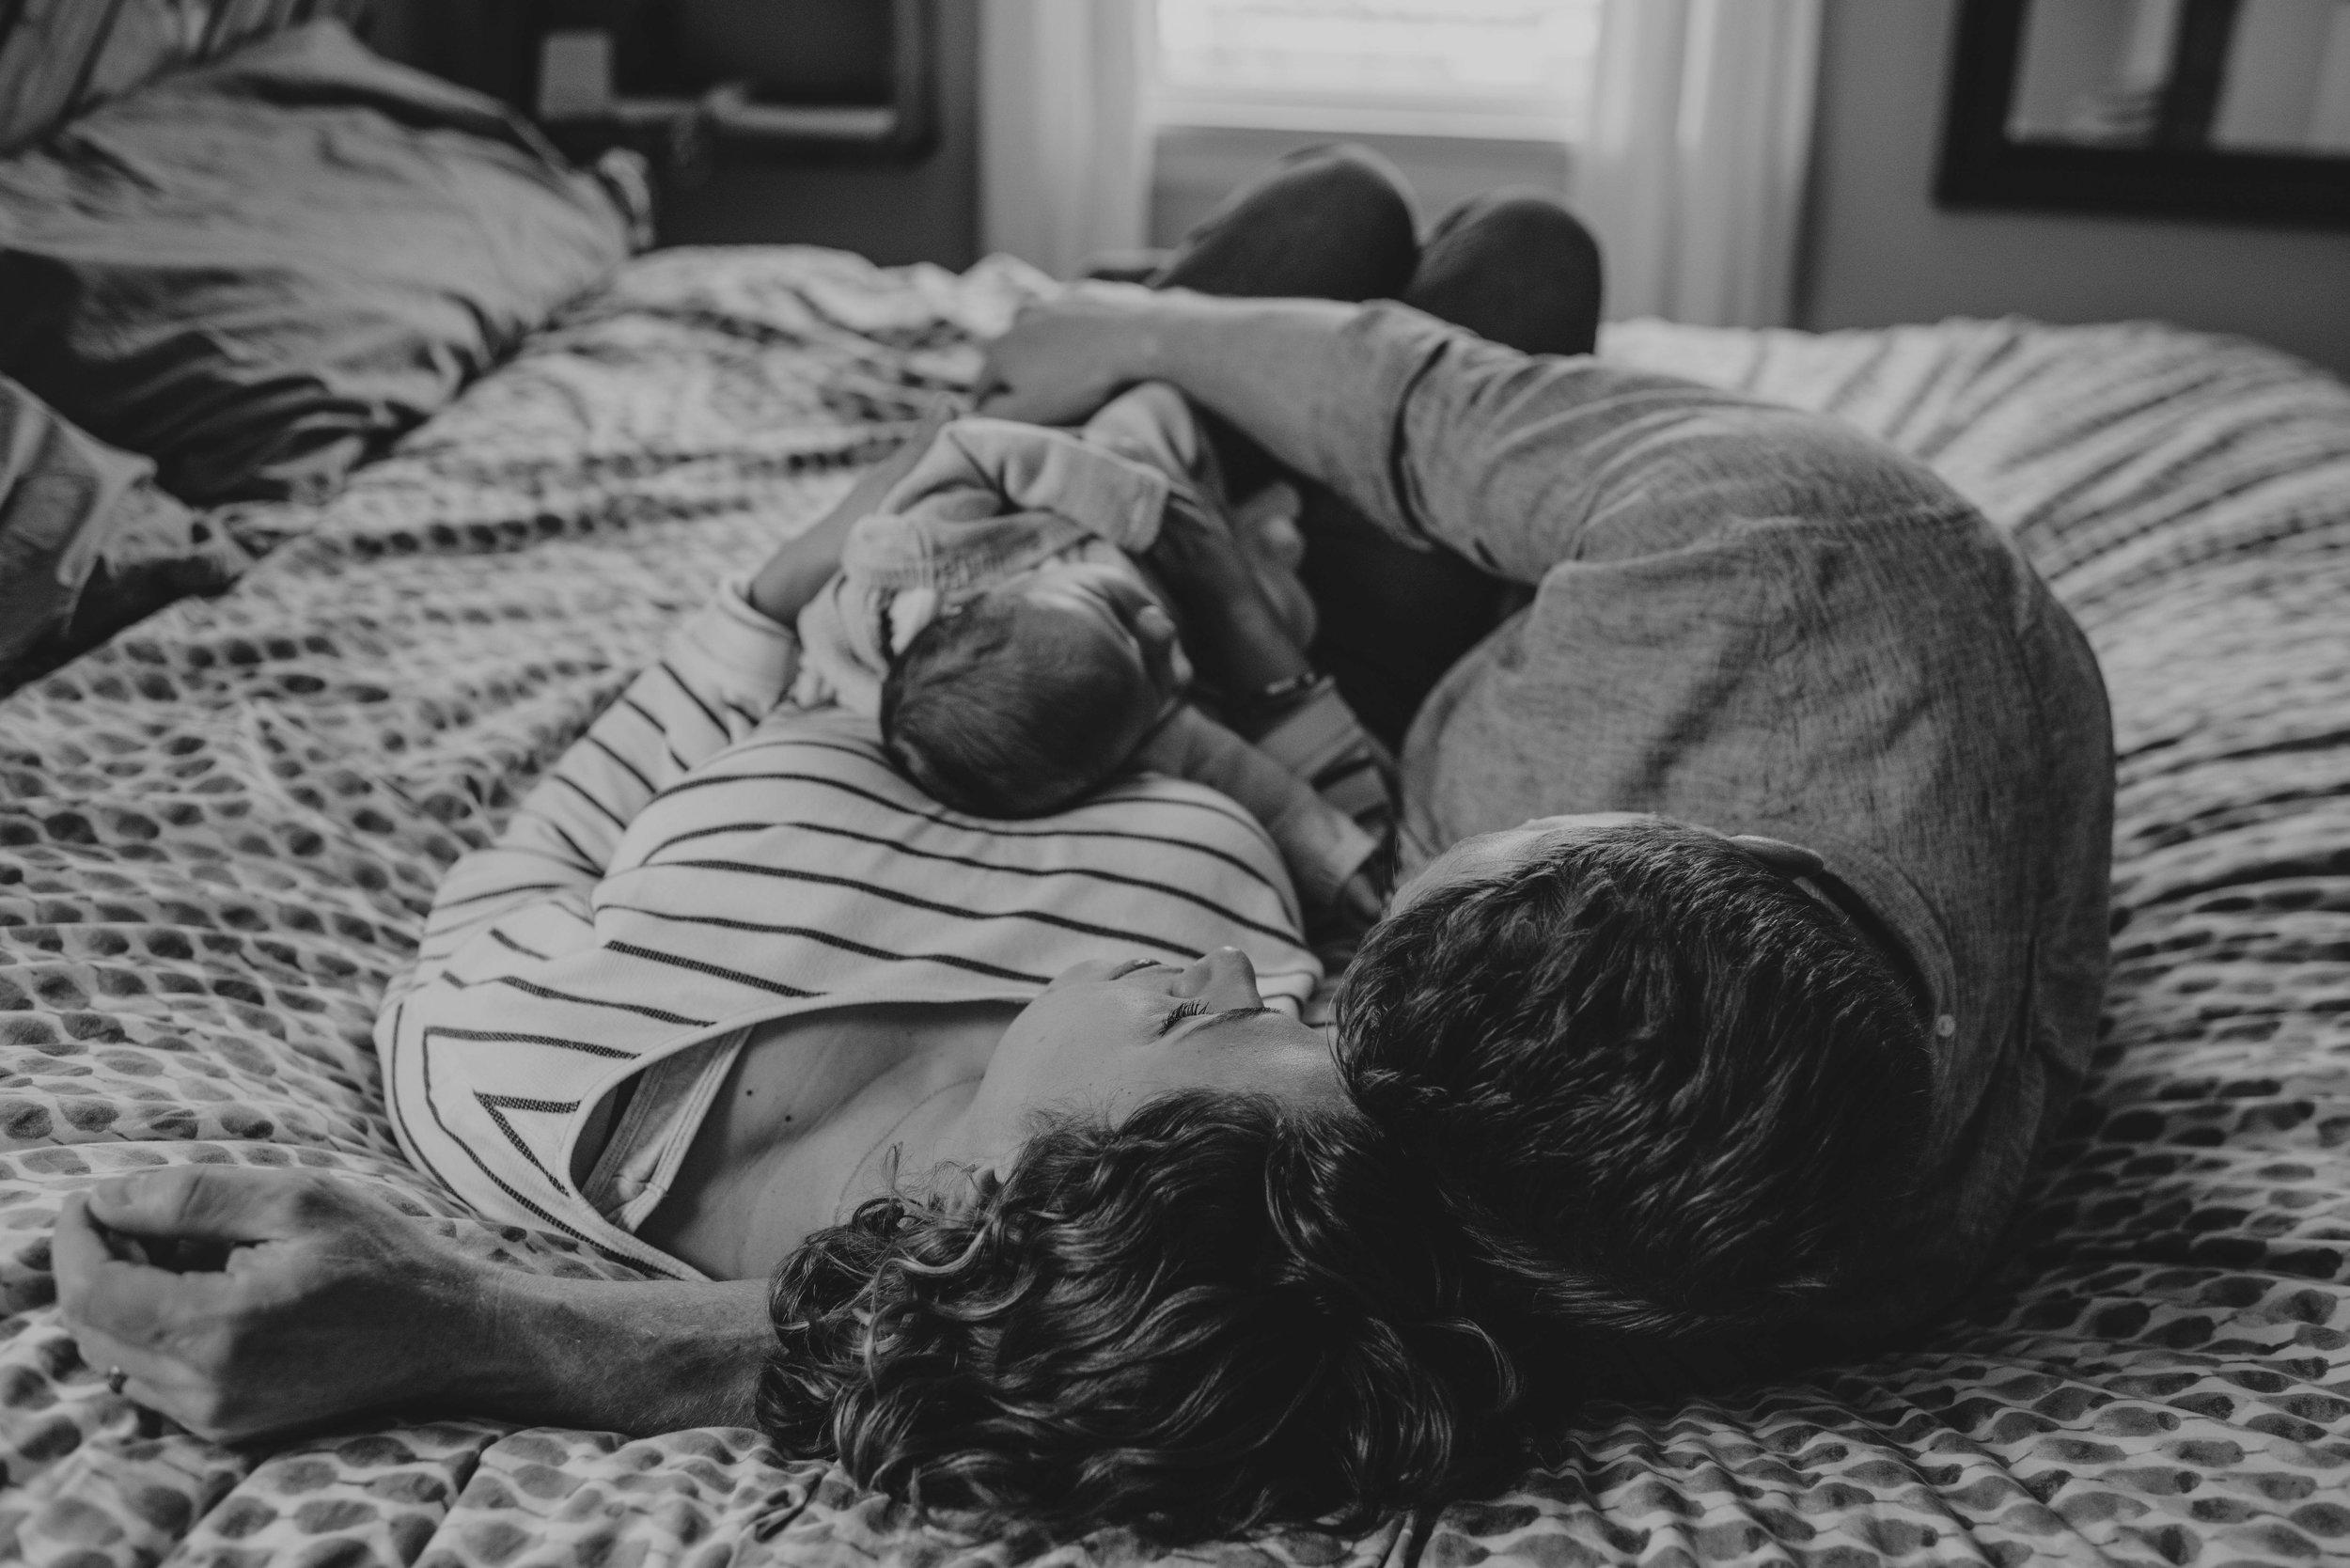 Kristy_Lumsden_Photography_Oscar_Newborn_Lifestyle20170127_0120.jpg